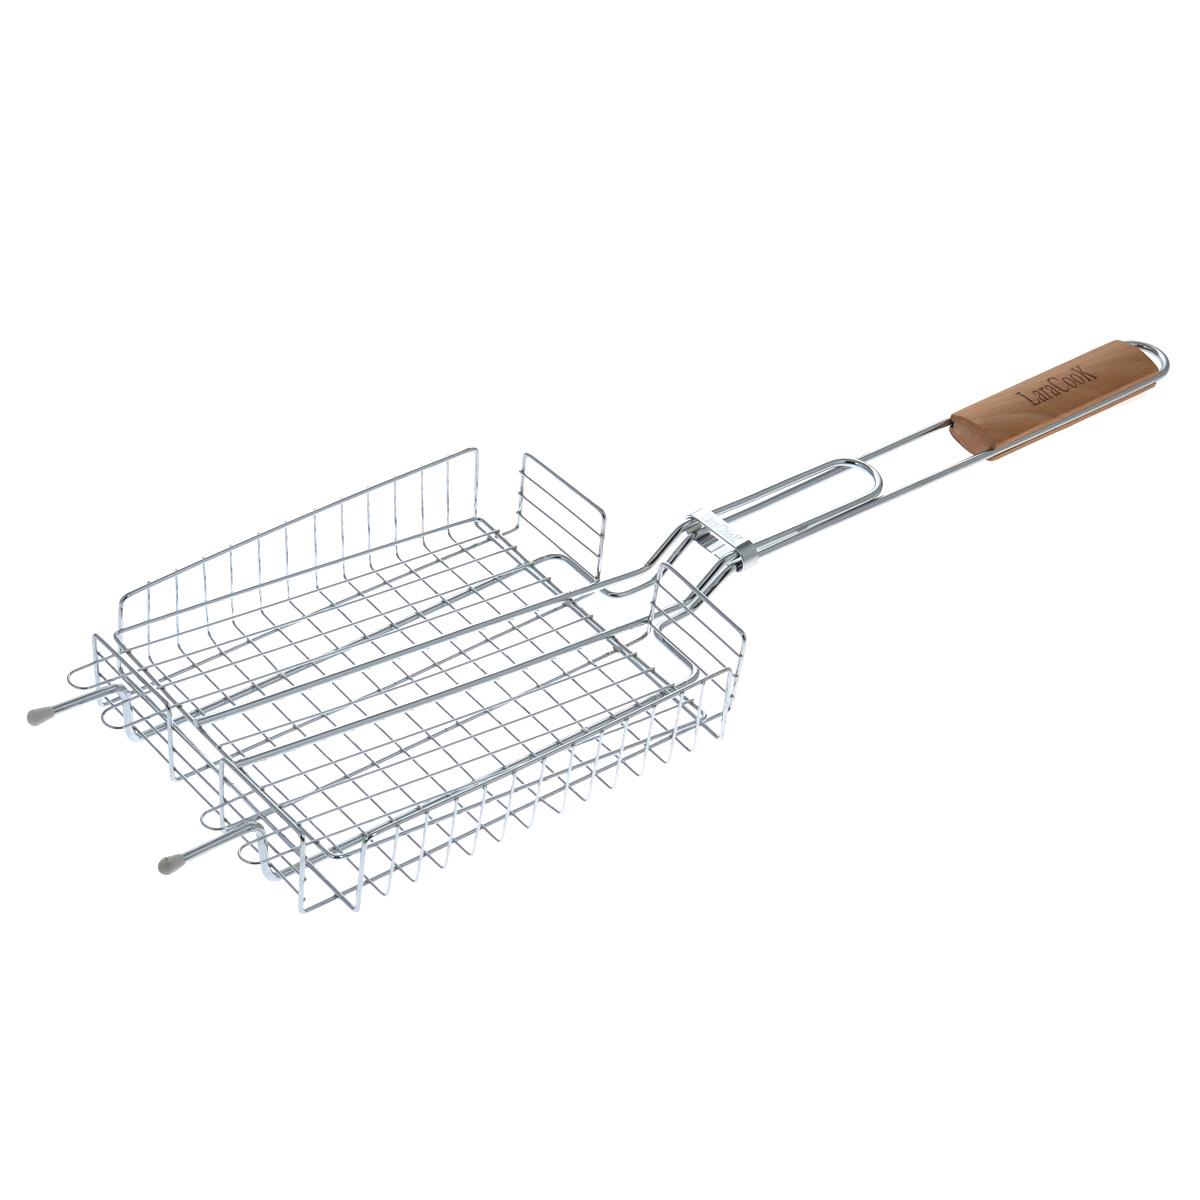 Решетка-гриль глубокая Laracook, 25 см х 20 смGESS-306Решетка-гриль Laracook изготовлена из нержавеющей стали. Приготовление вкусных блюд из рыбы, мяса или птицы на пикнике становится еще более быстрым и удобным с использованием решетки-гриль. Верхняя прижимная сетка решетки регулируется по высоте и позволяет готовить продукты разной толщины. Высокие бортики не дадут упасть продуктам на угли при перевороте решетки. Решетка-гриль отлично подходит для мангала. Удобная для обхвата деревянная ручка помогает легче переворачивать решетку и делает ее использование более безопасным. Размер решетки: 25 см х 20 см х 5 см.Длина ручки: 37 см.